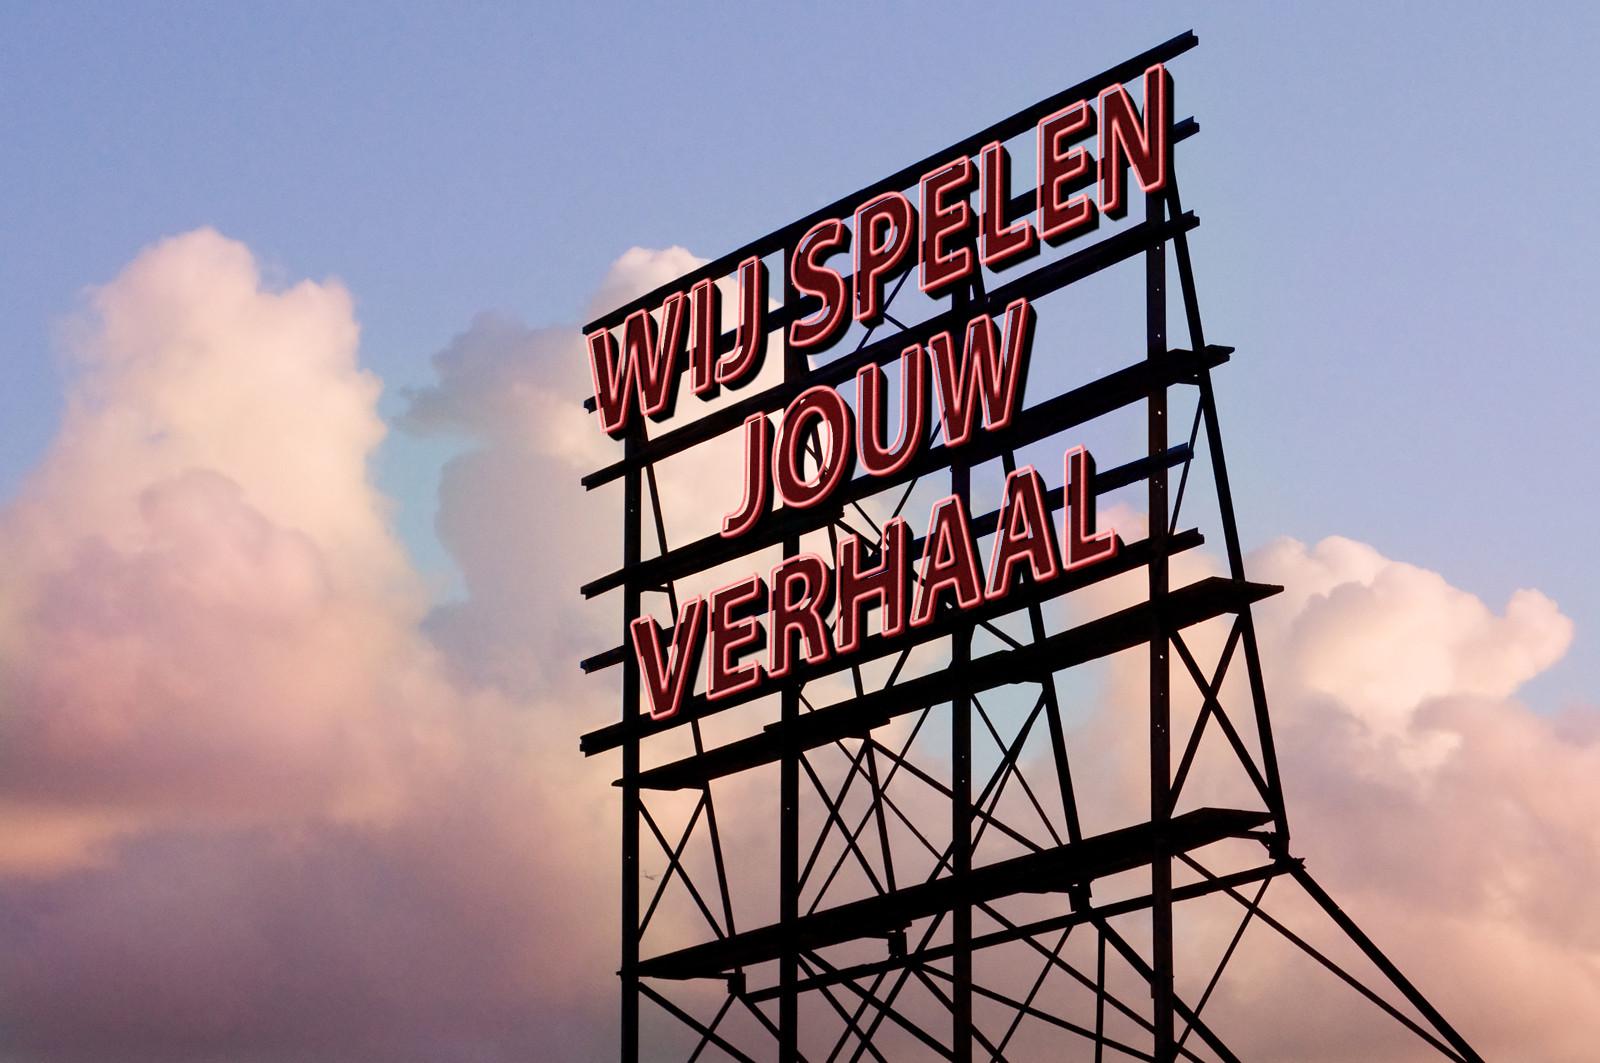 www.wijspelenjouwverhaal.nl